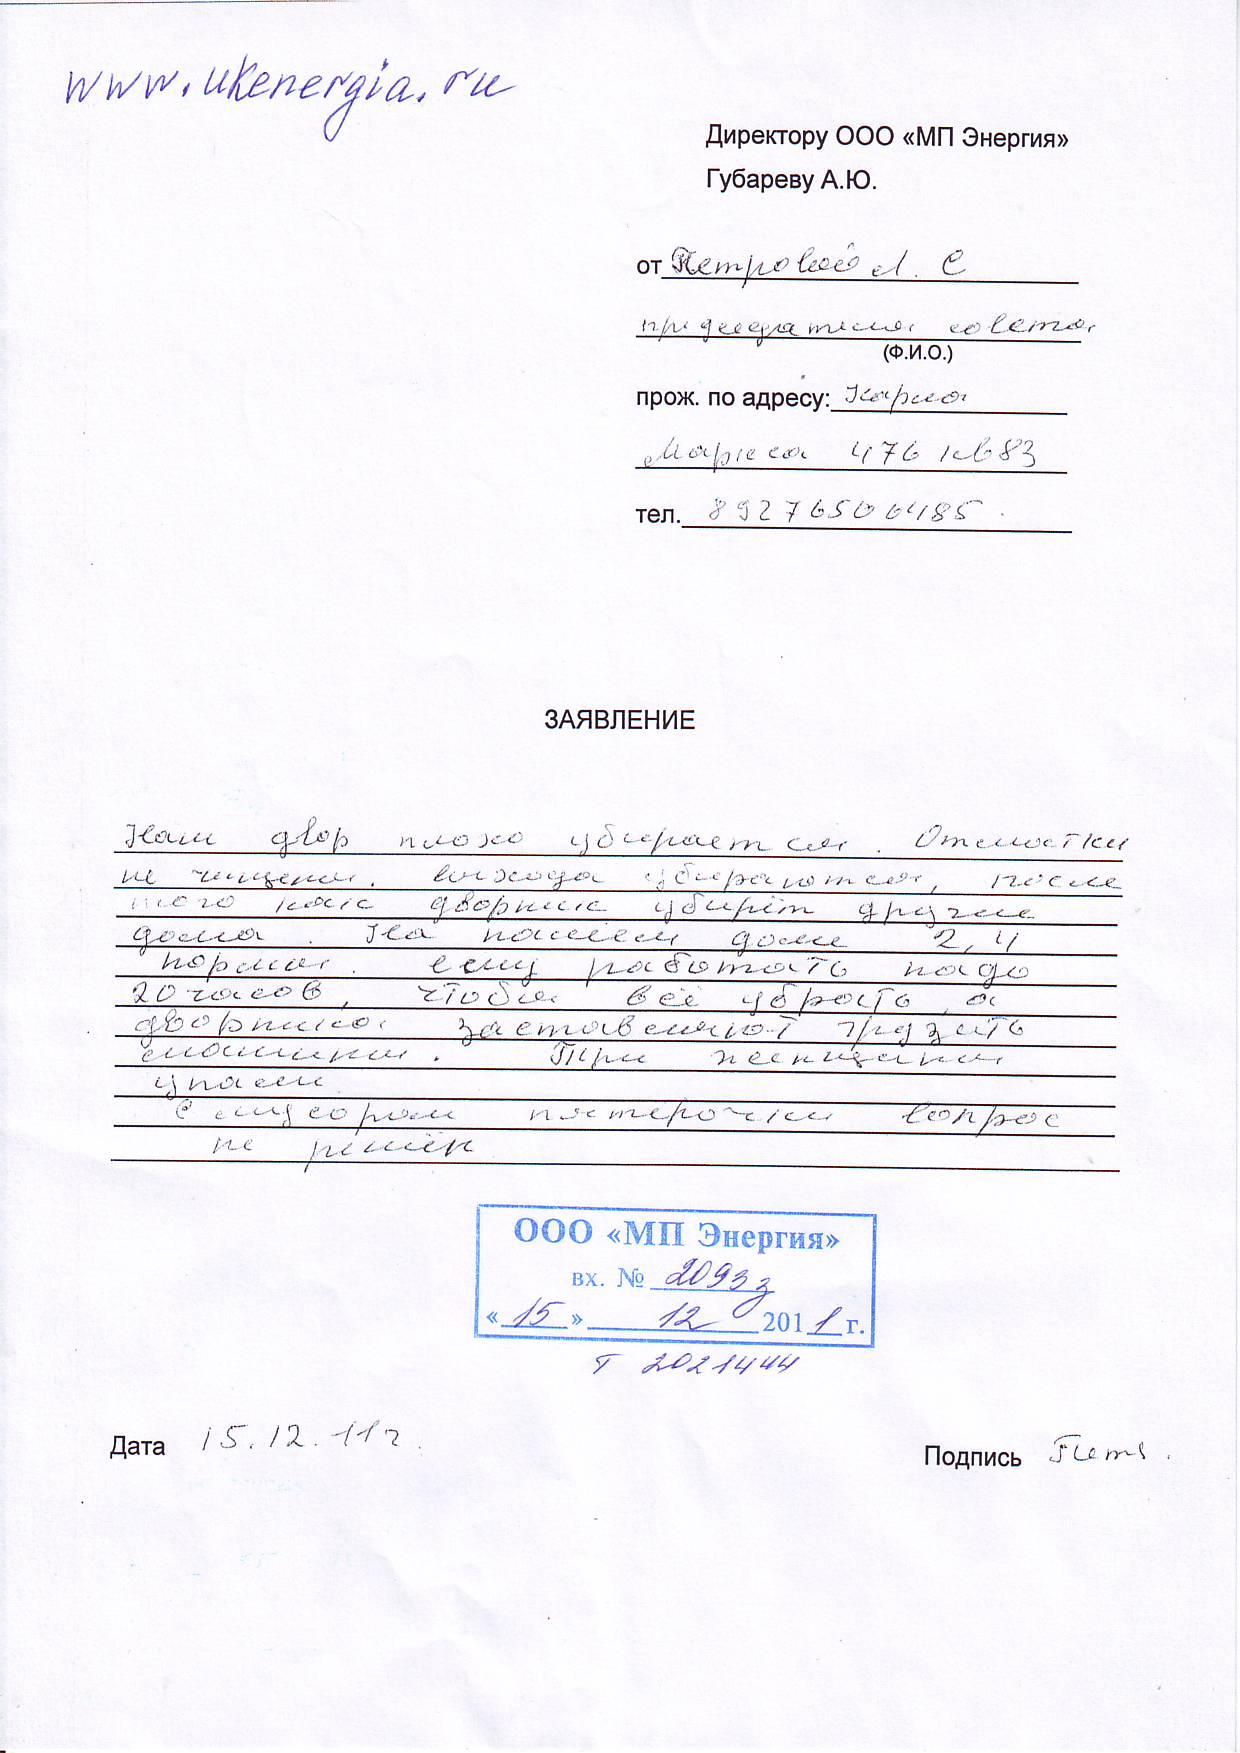 образец заявления о фальсификации доказательств по гражданскому делу